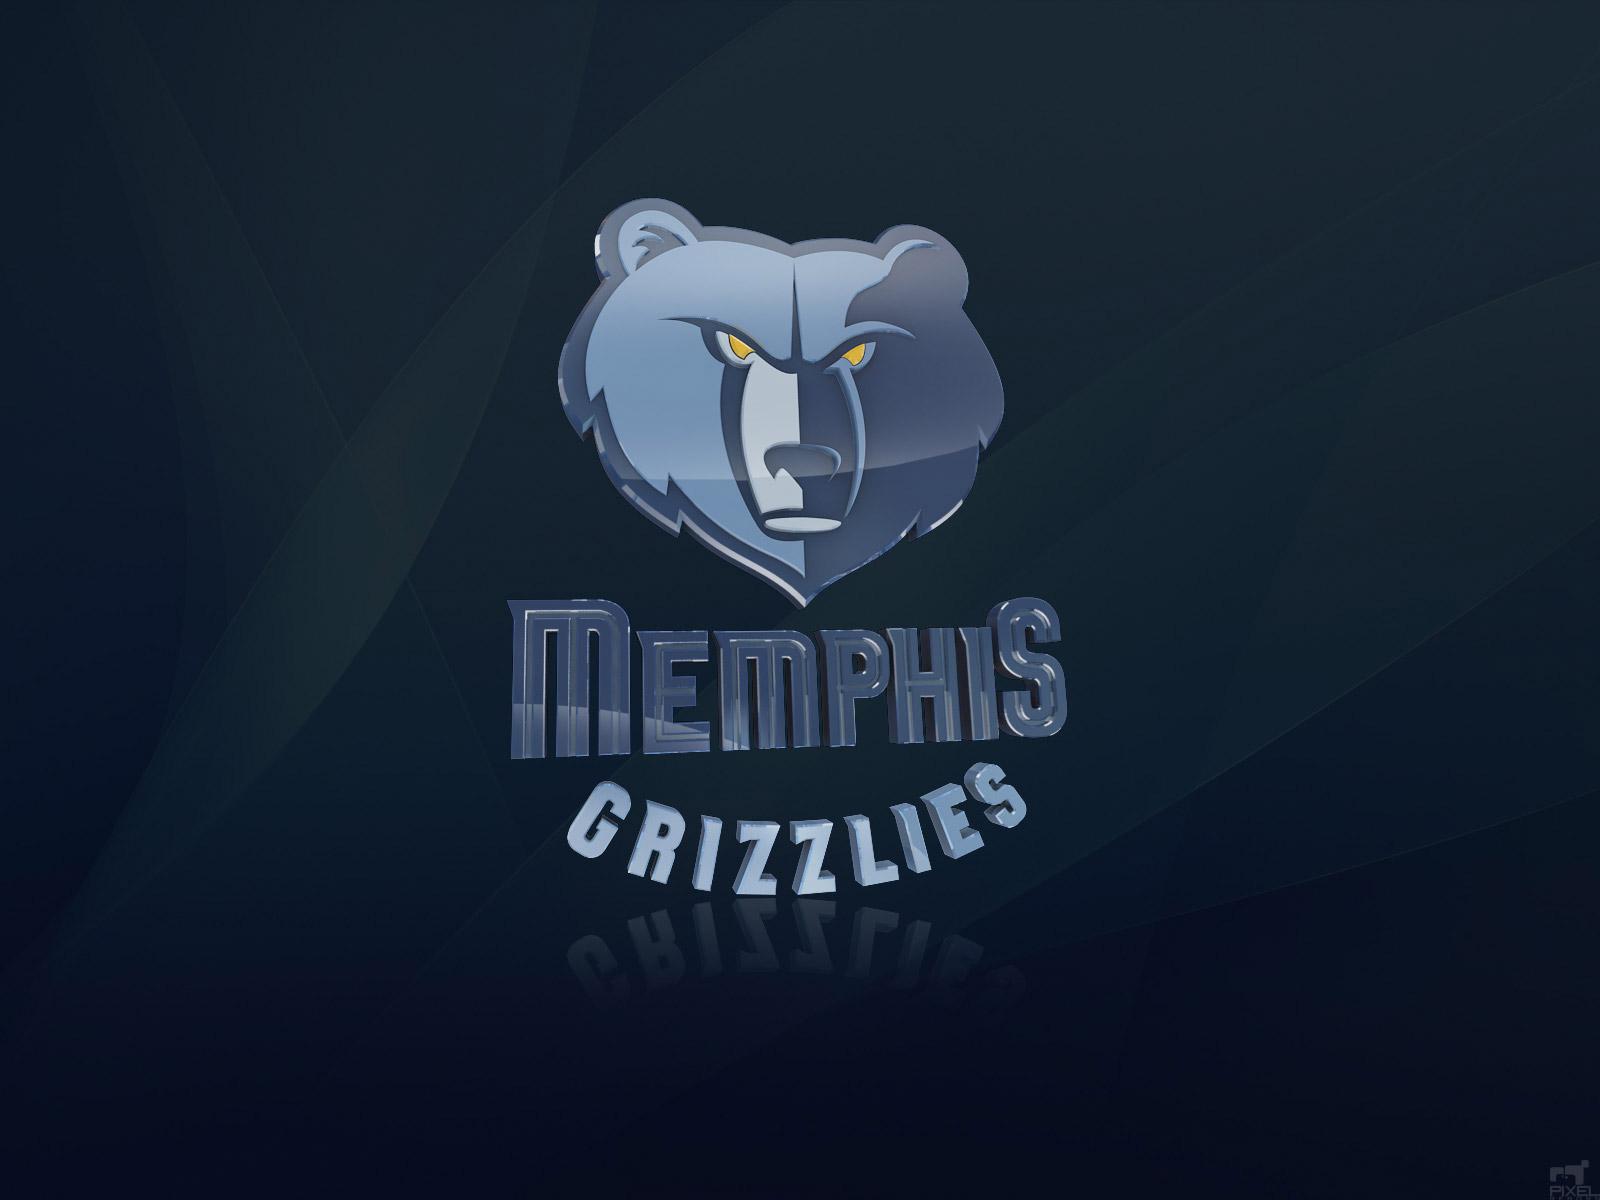 Memphis Grizzlies pictures